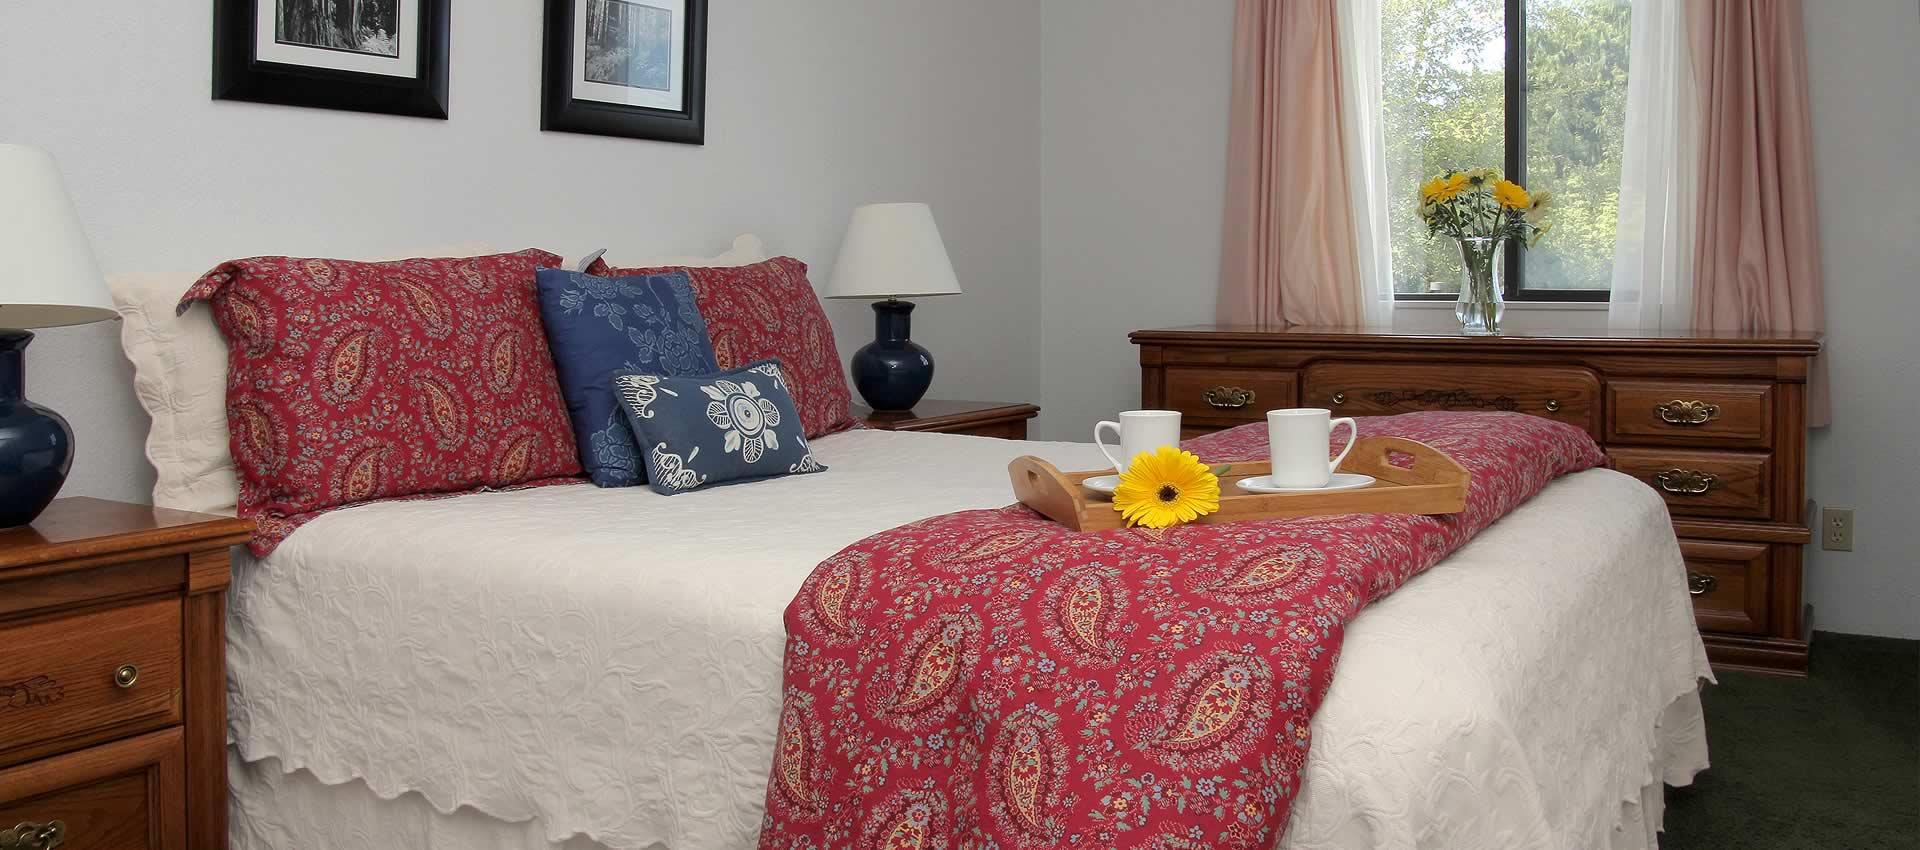 Select Suites queen bed room